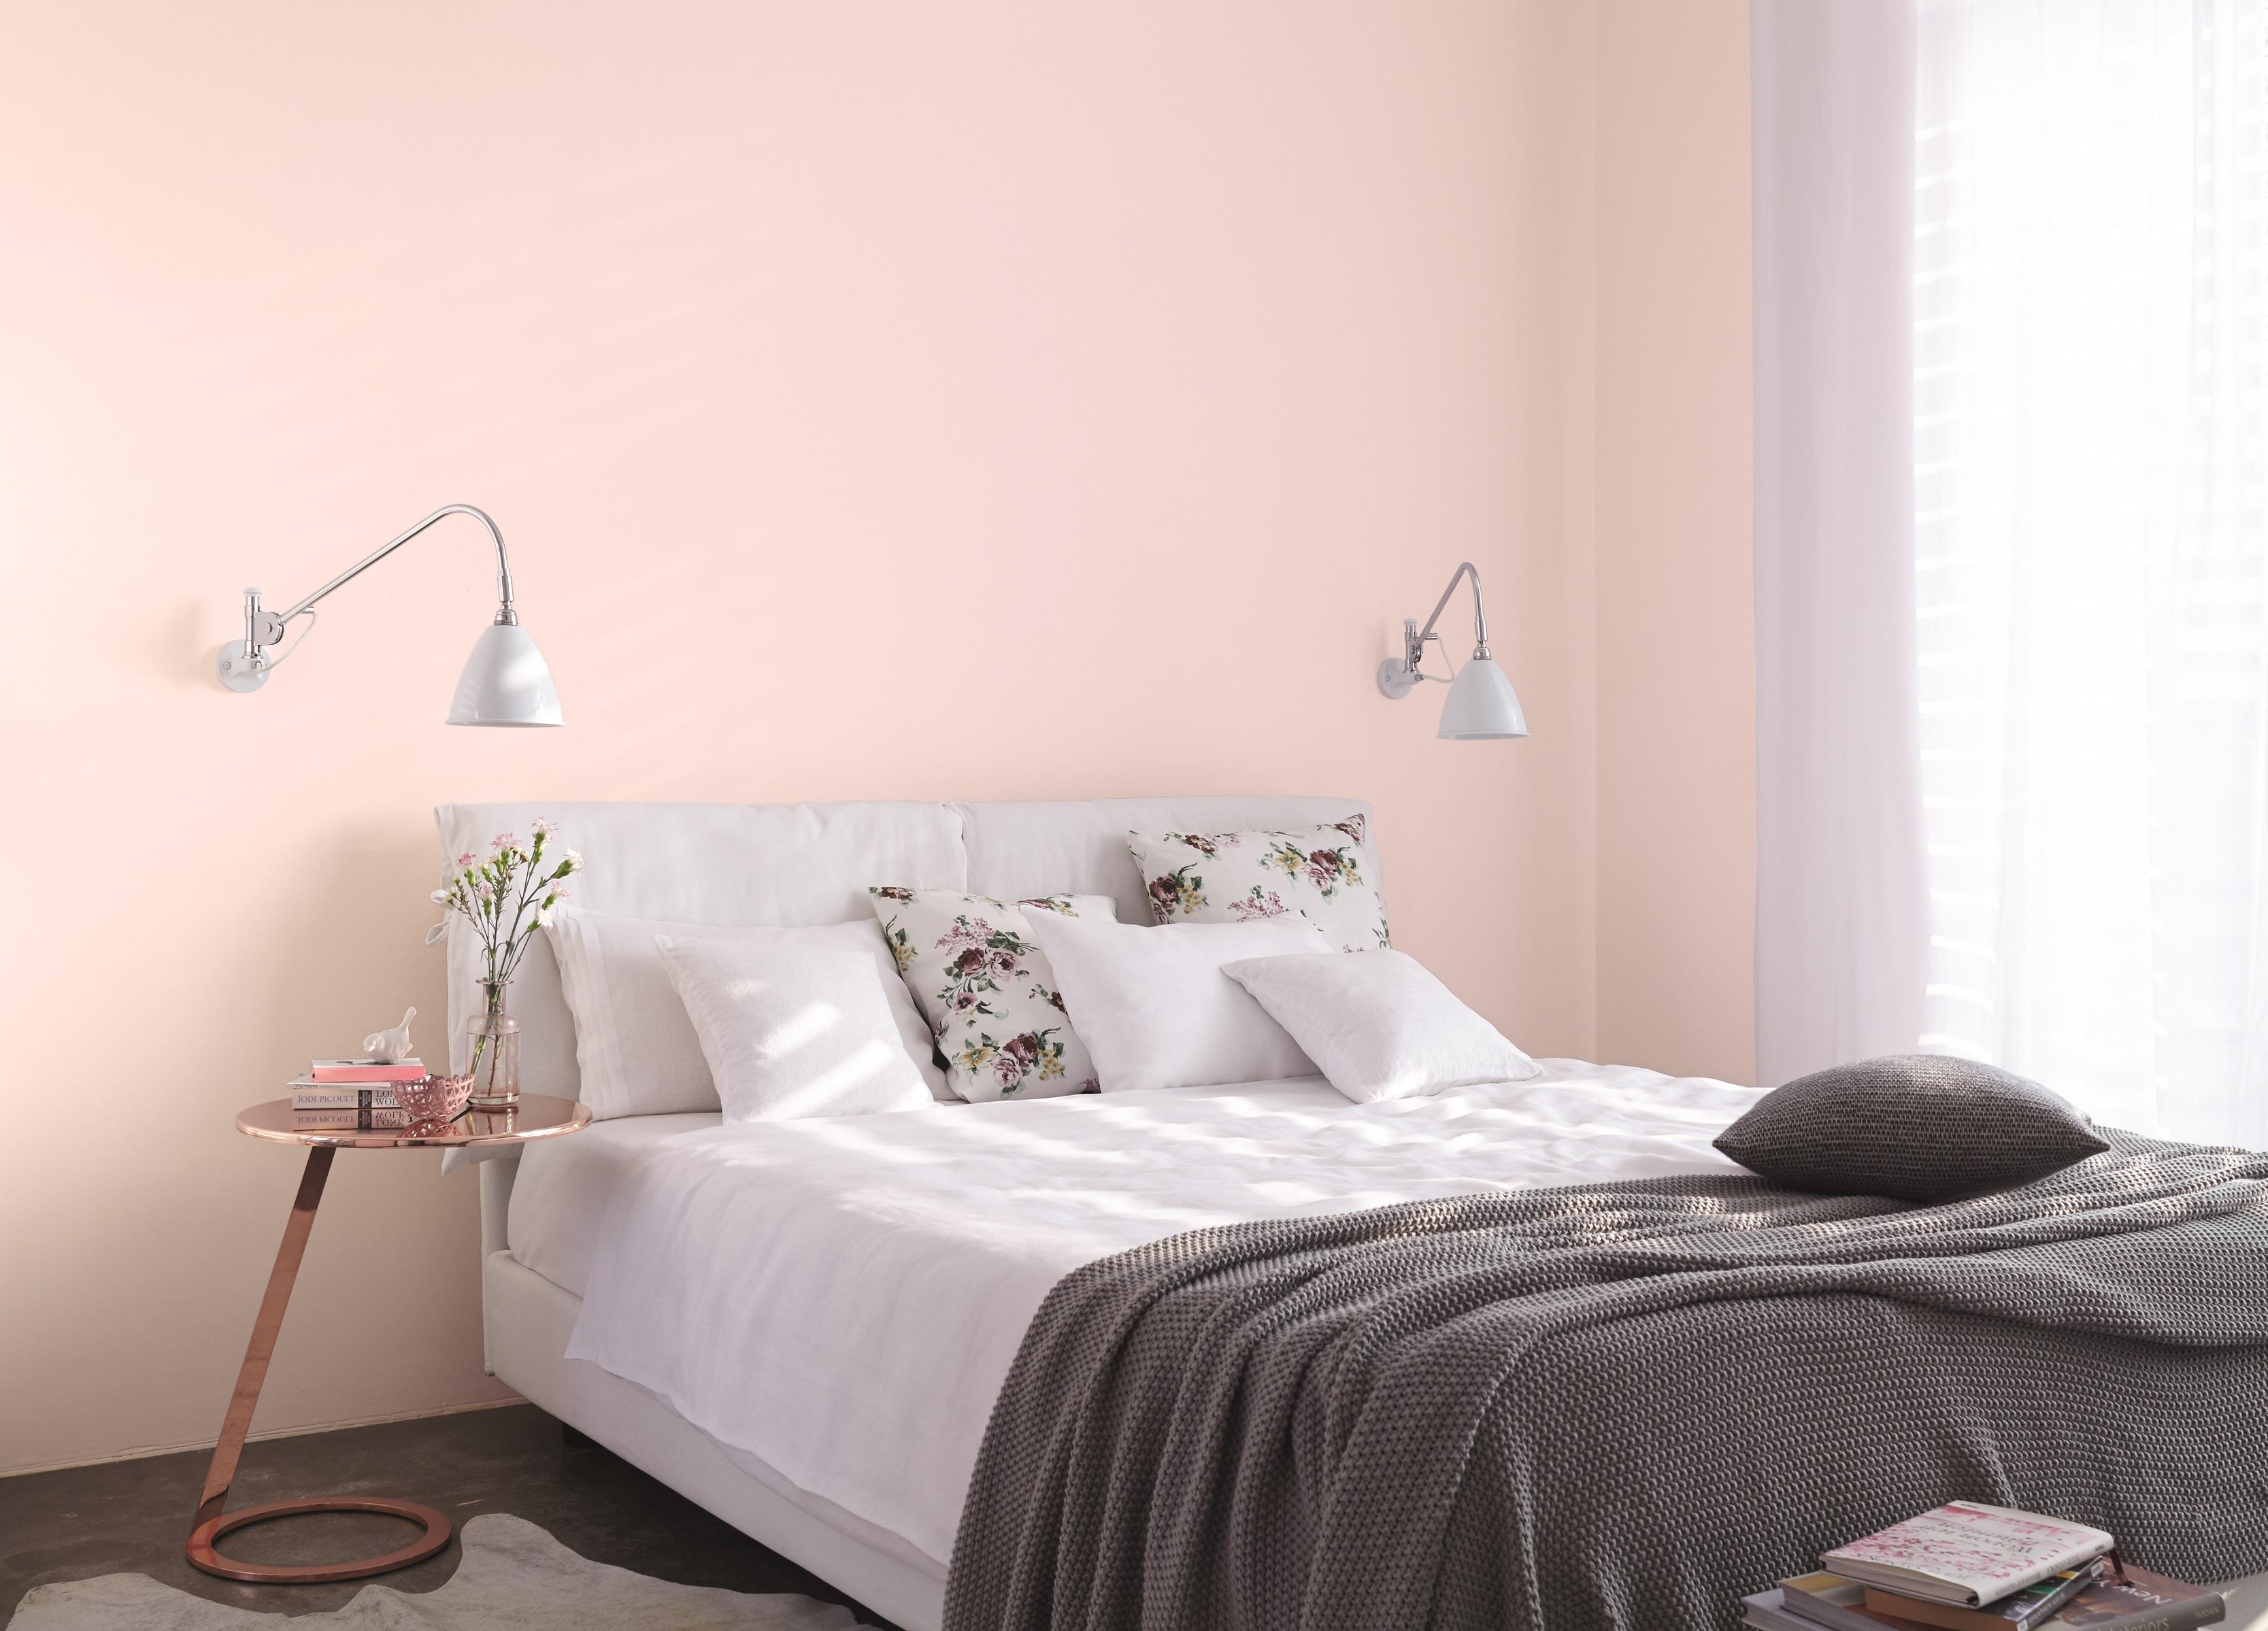 schlafzimmer einrichten ideen grau weiss braun, ideen für die gestaltung vom schlafzimmer: alpina farbe & einrichten, Design ideen